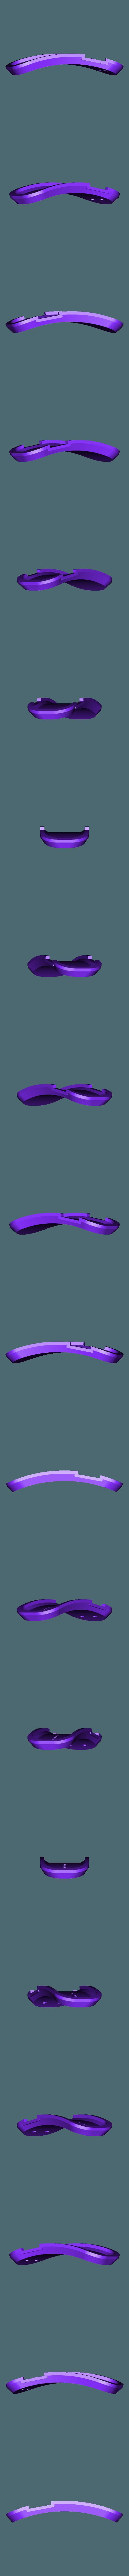 002.stl Télécharger fichier STL gratuit 3DvsCOVID19 Sauterelles PARAMETRIQUES DOUANIERES Mains Libres Ouvre-portes imprimées 3D pour aider à lutter contre la propagation des coronavirus • Plan pour impression 3D, Othmane